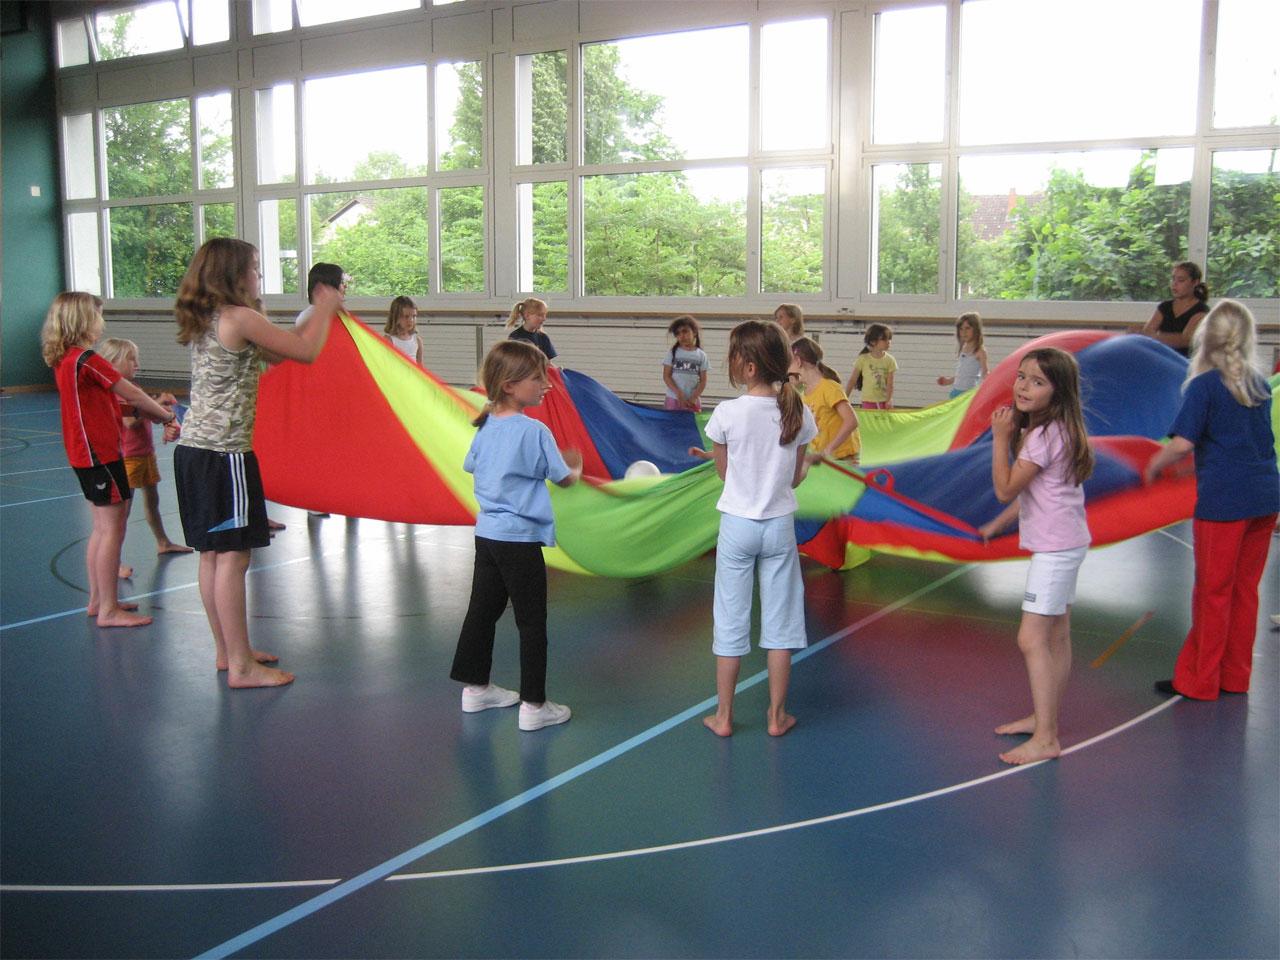 2008-06-02-jrj-training-005